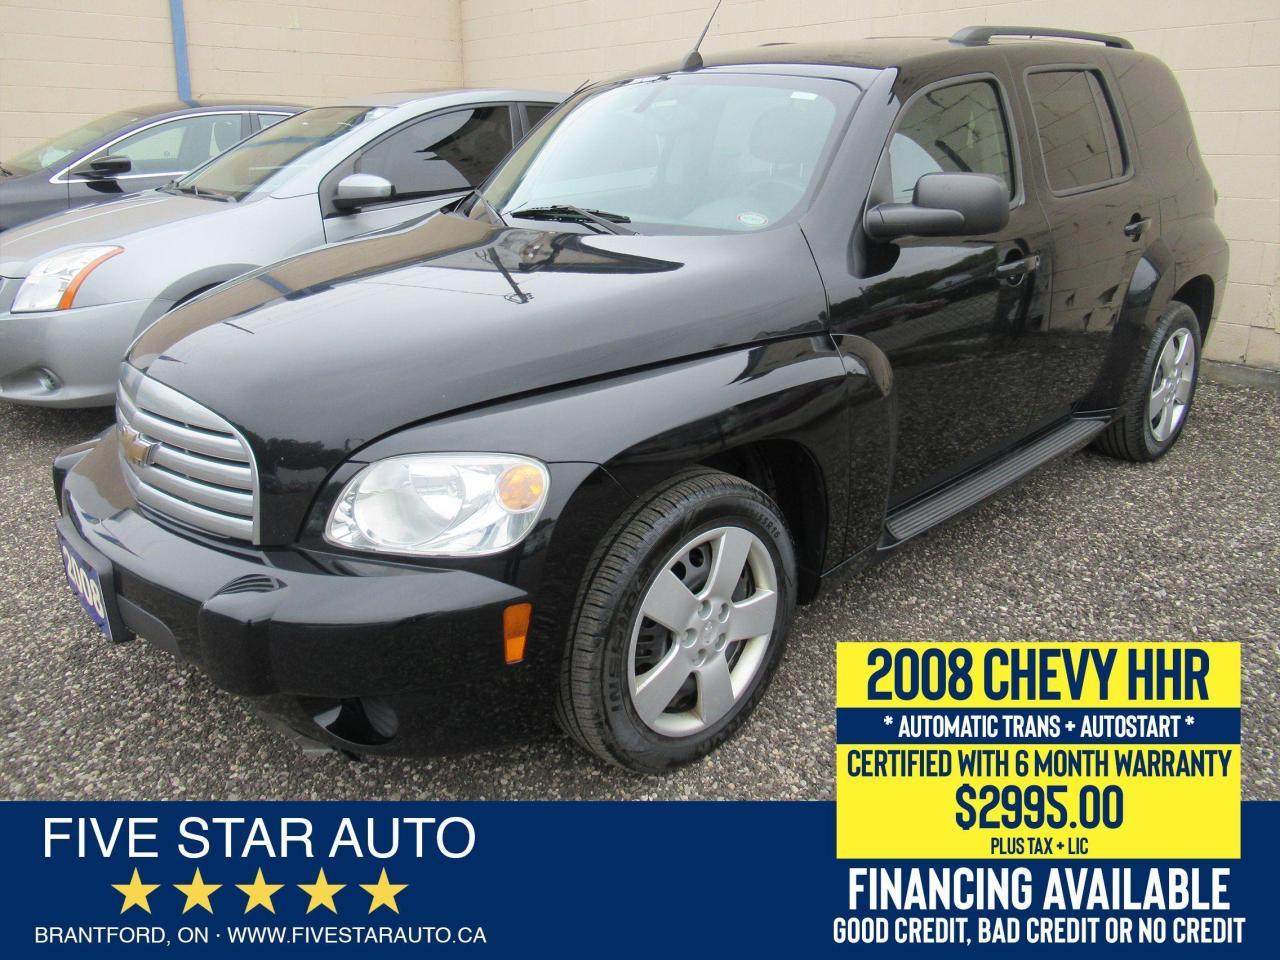 2008 Chevrolet HHR LS - Certified w/ 6 Month Warranty